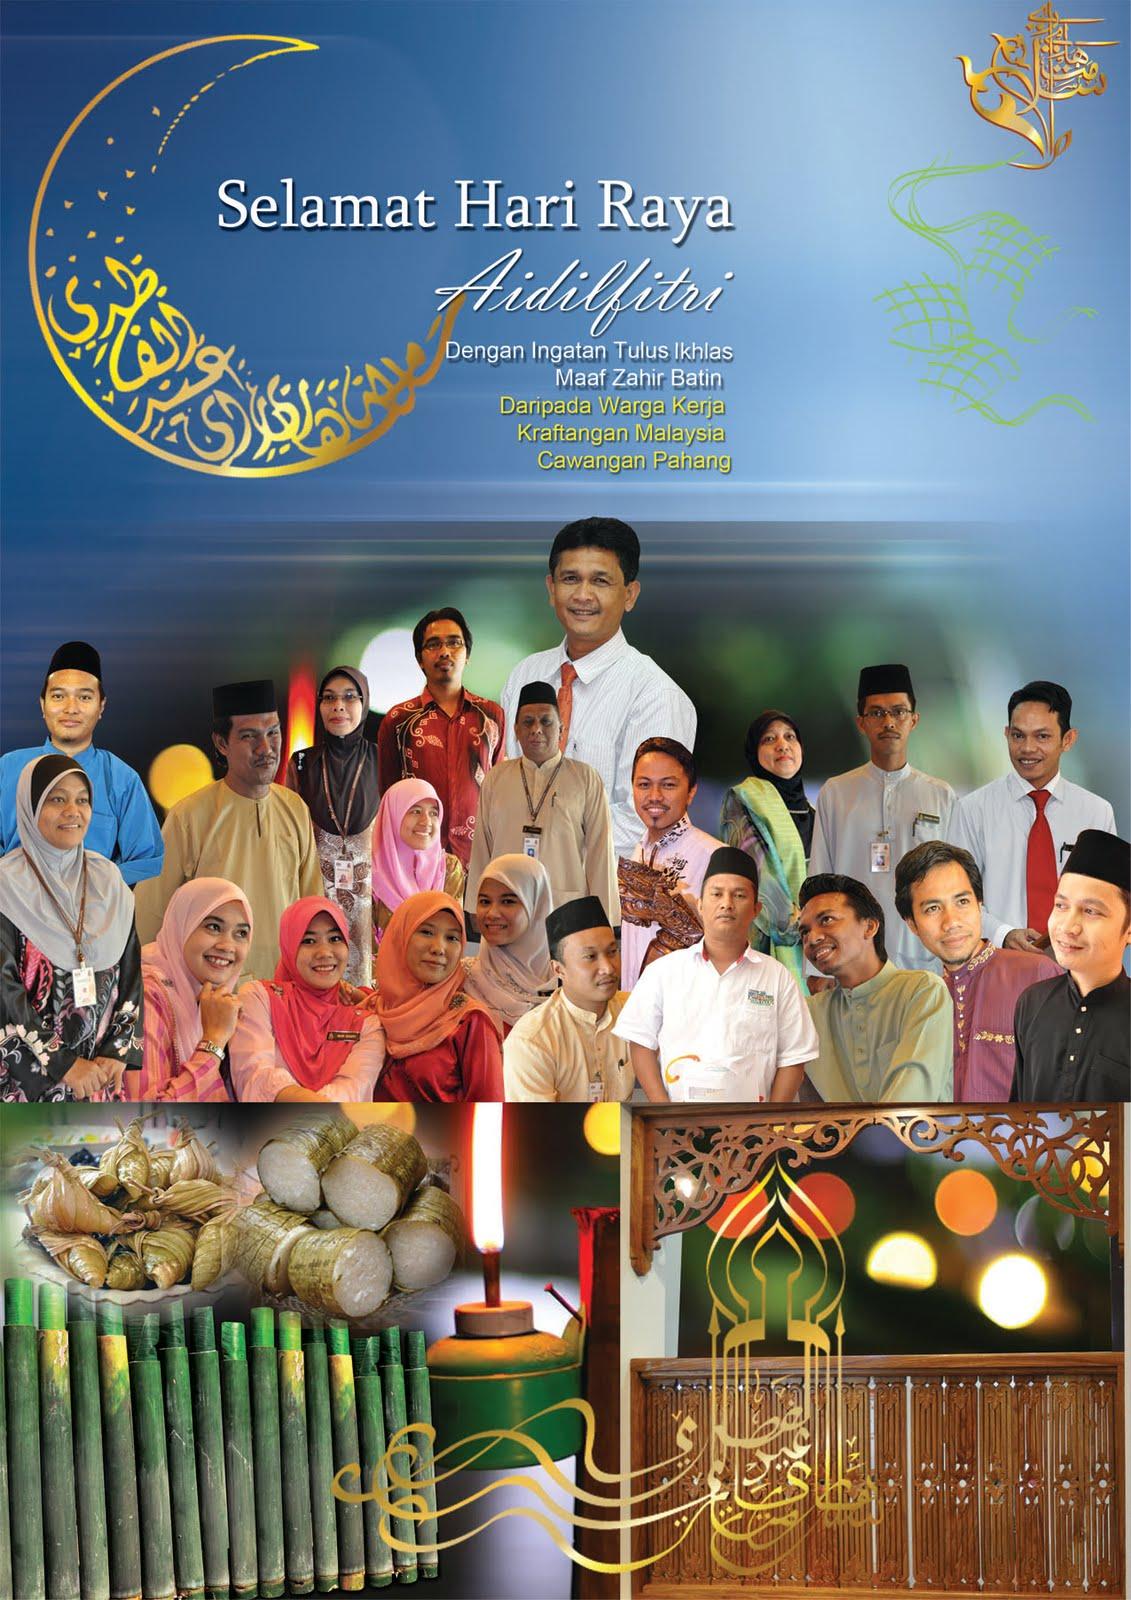 Kraftangan Malaysia Cawangan Pahang Selamat Hari Raya